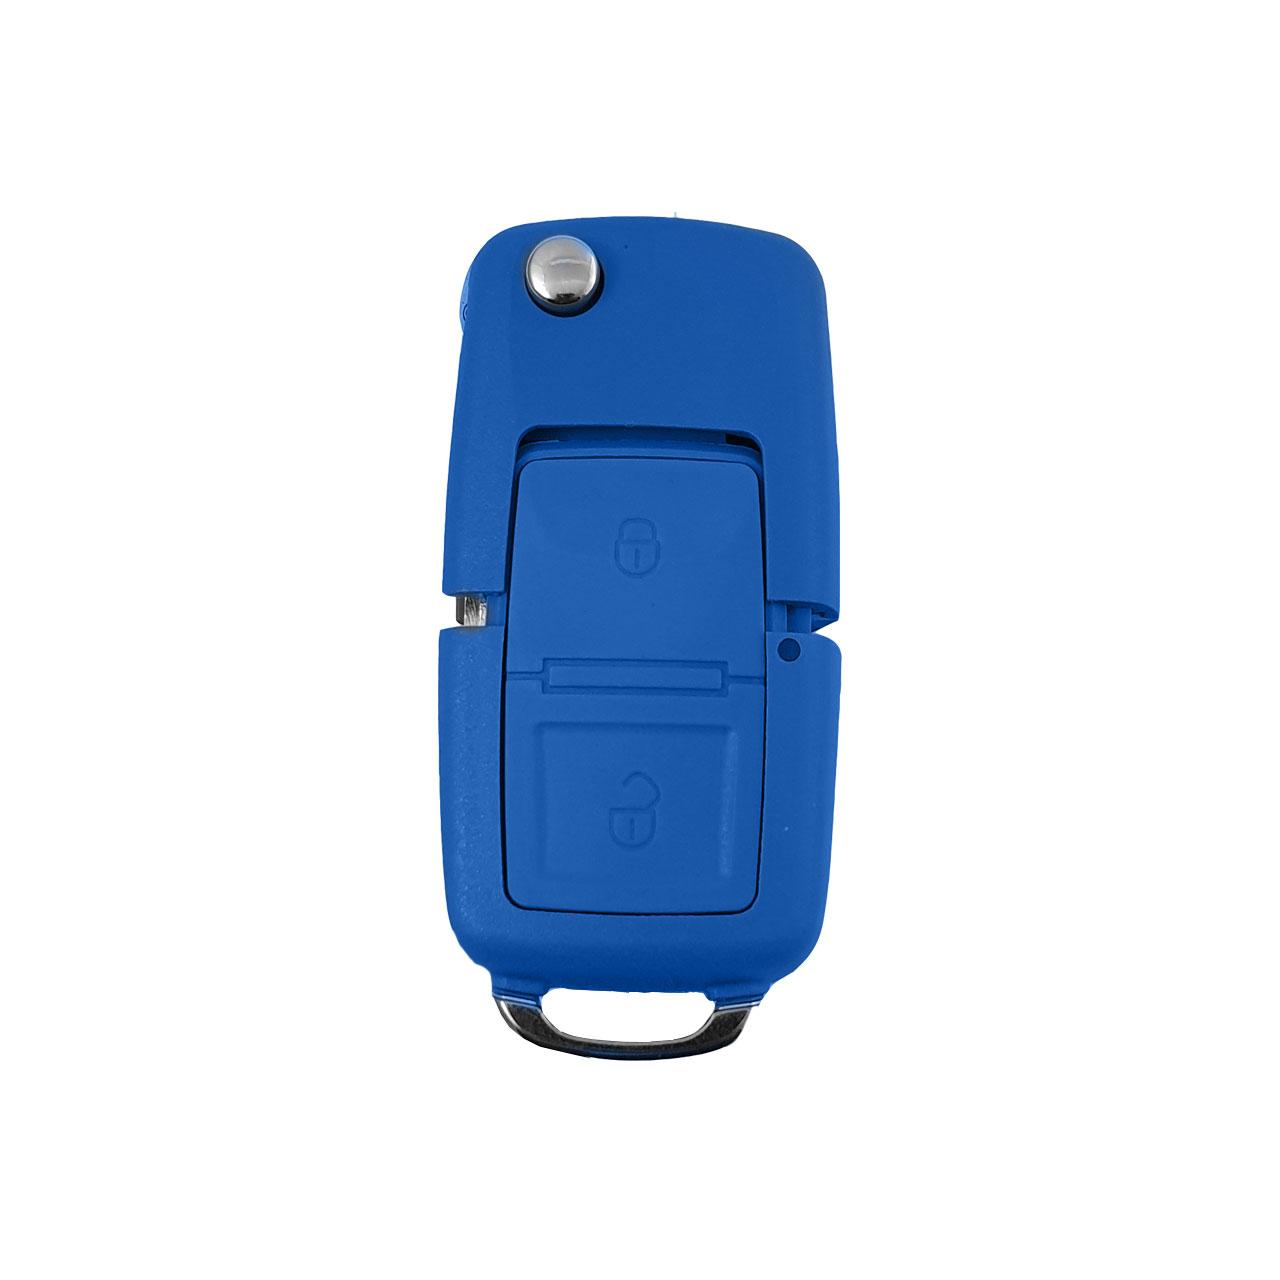 قاب یدک ریموت خودرو مدل Pug02 مناسب برای پژو 405